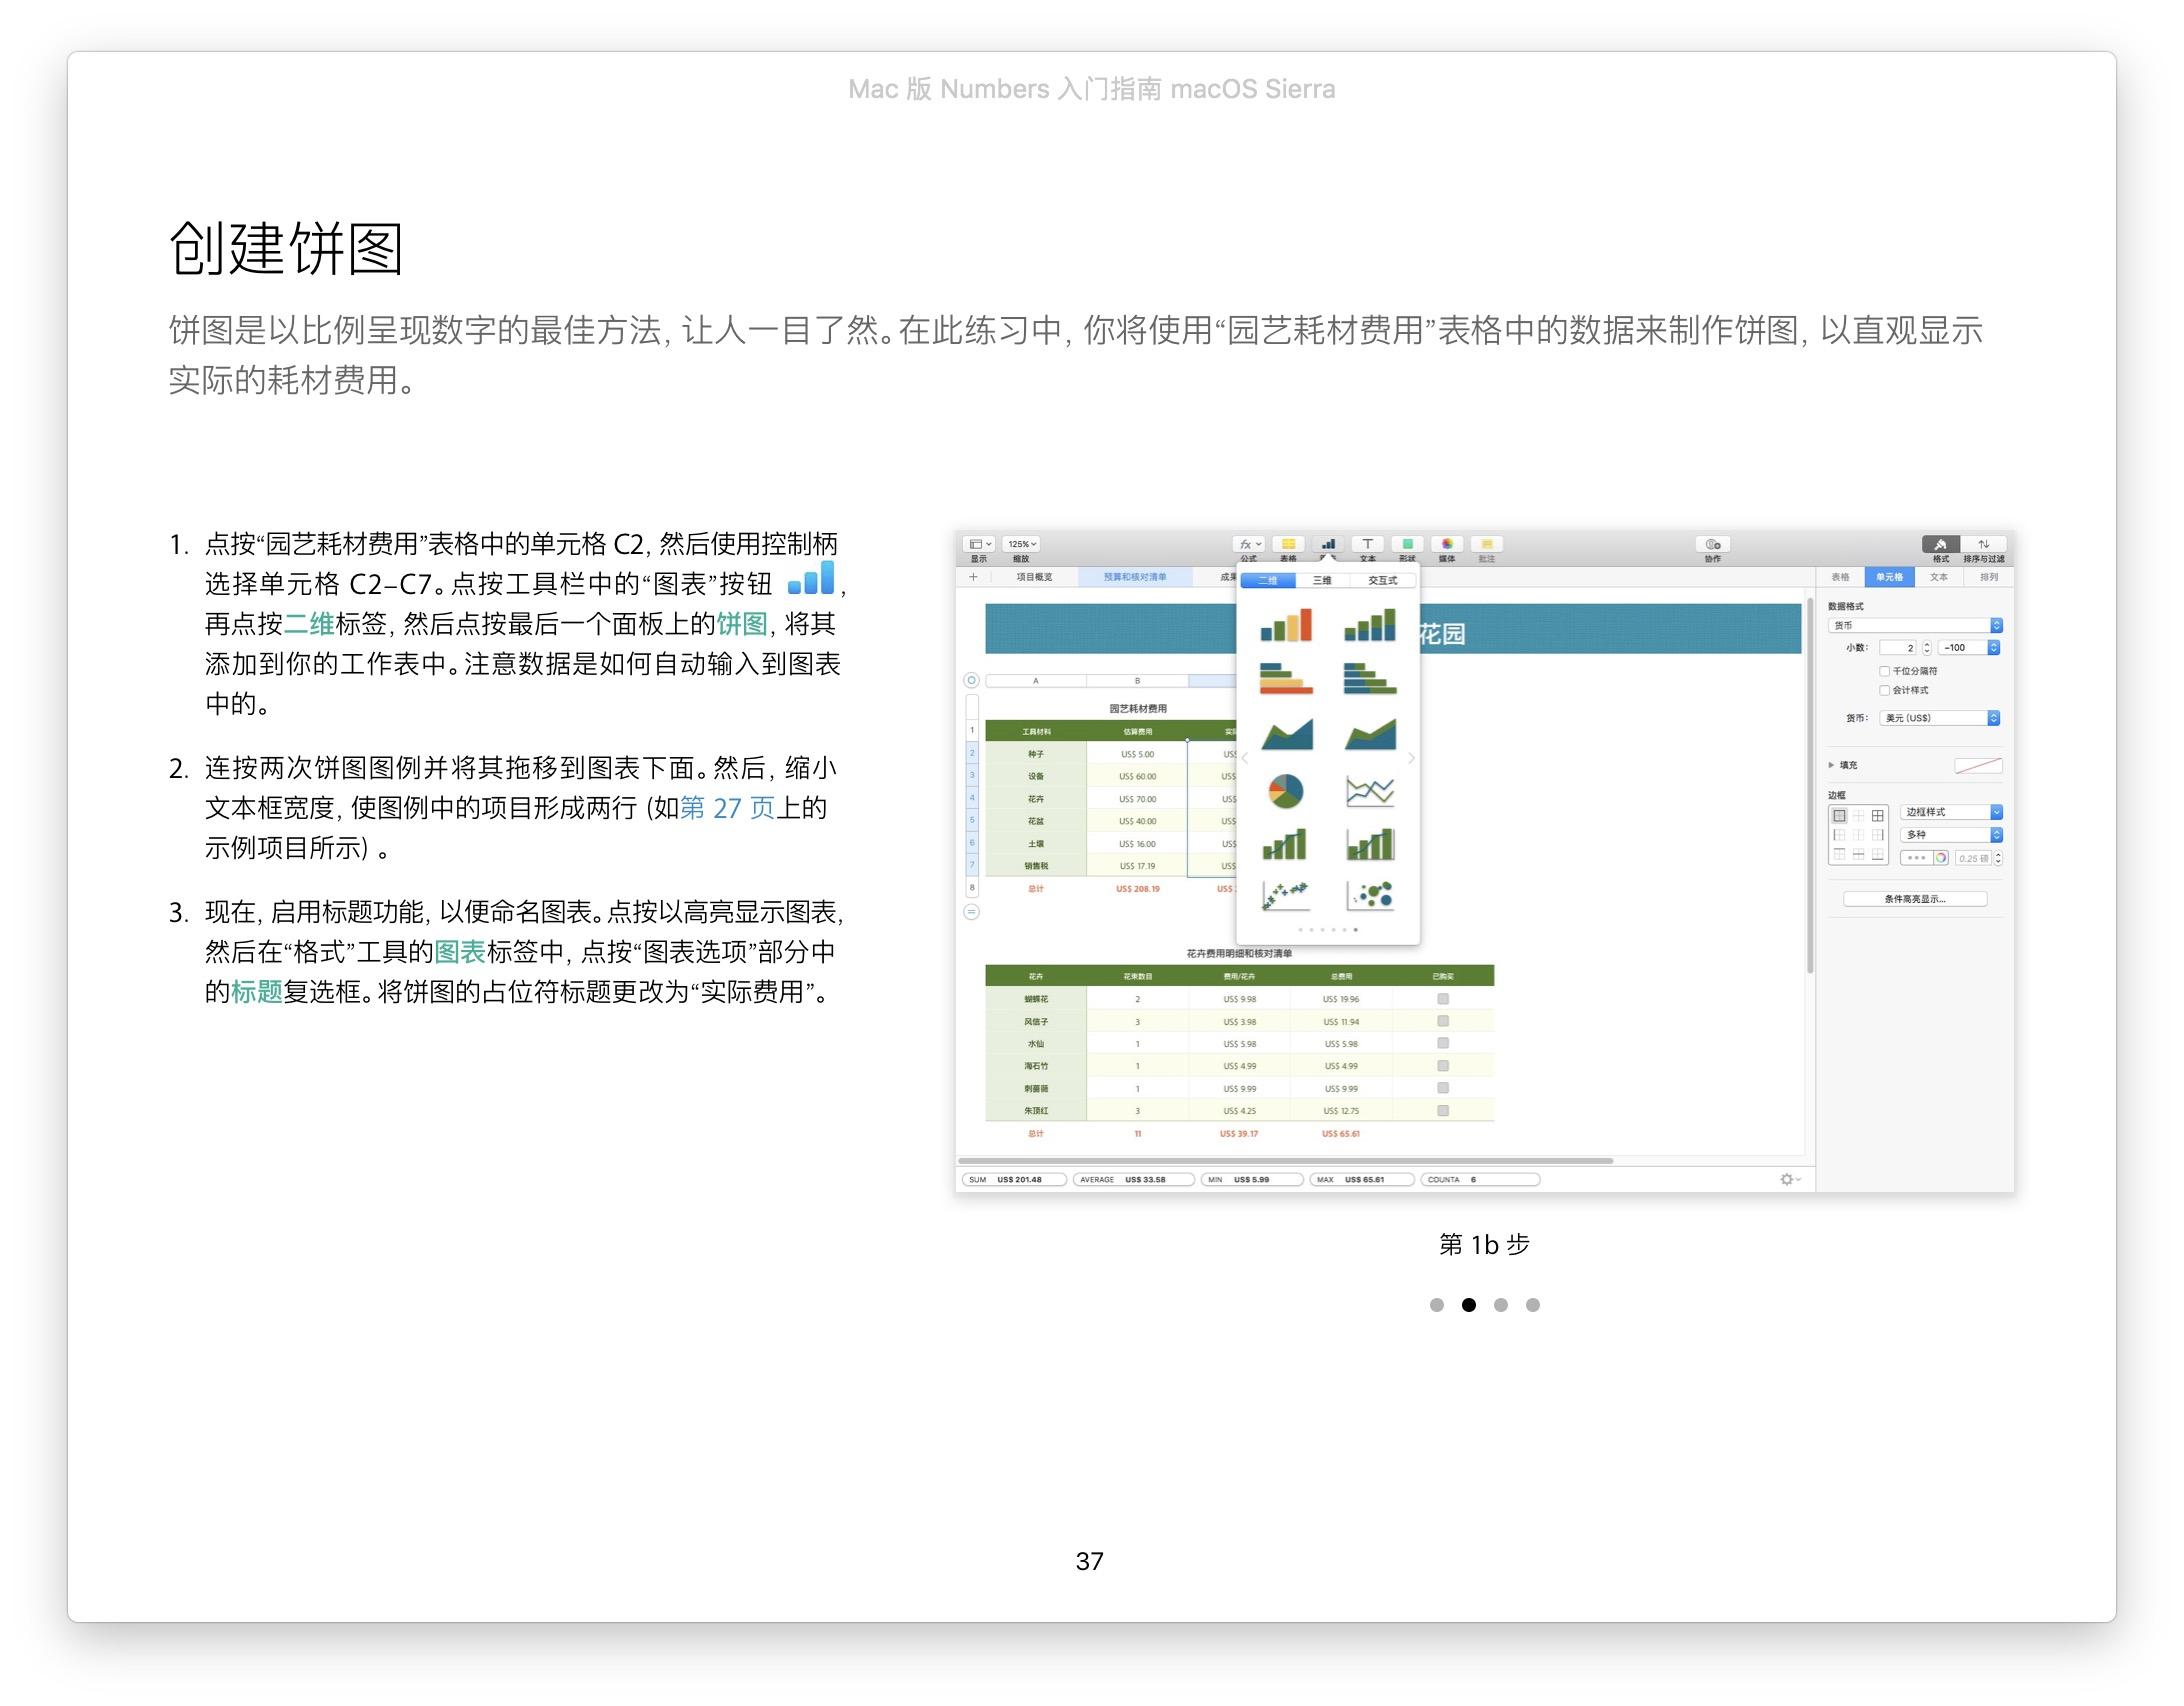 使用提供的素材将数据转换为饼图